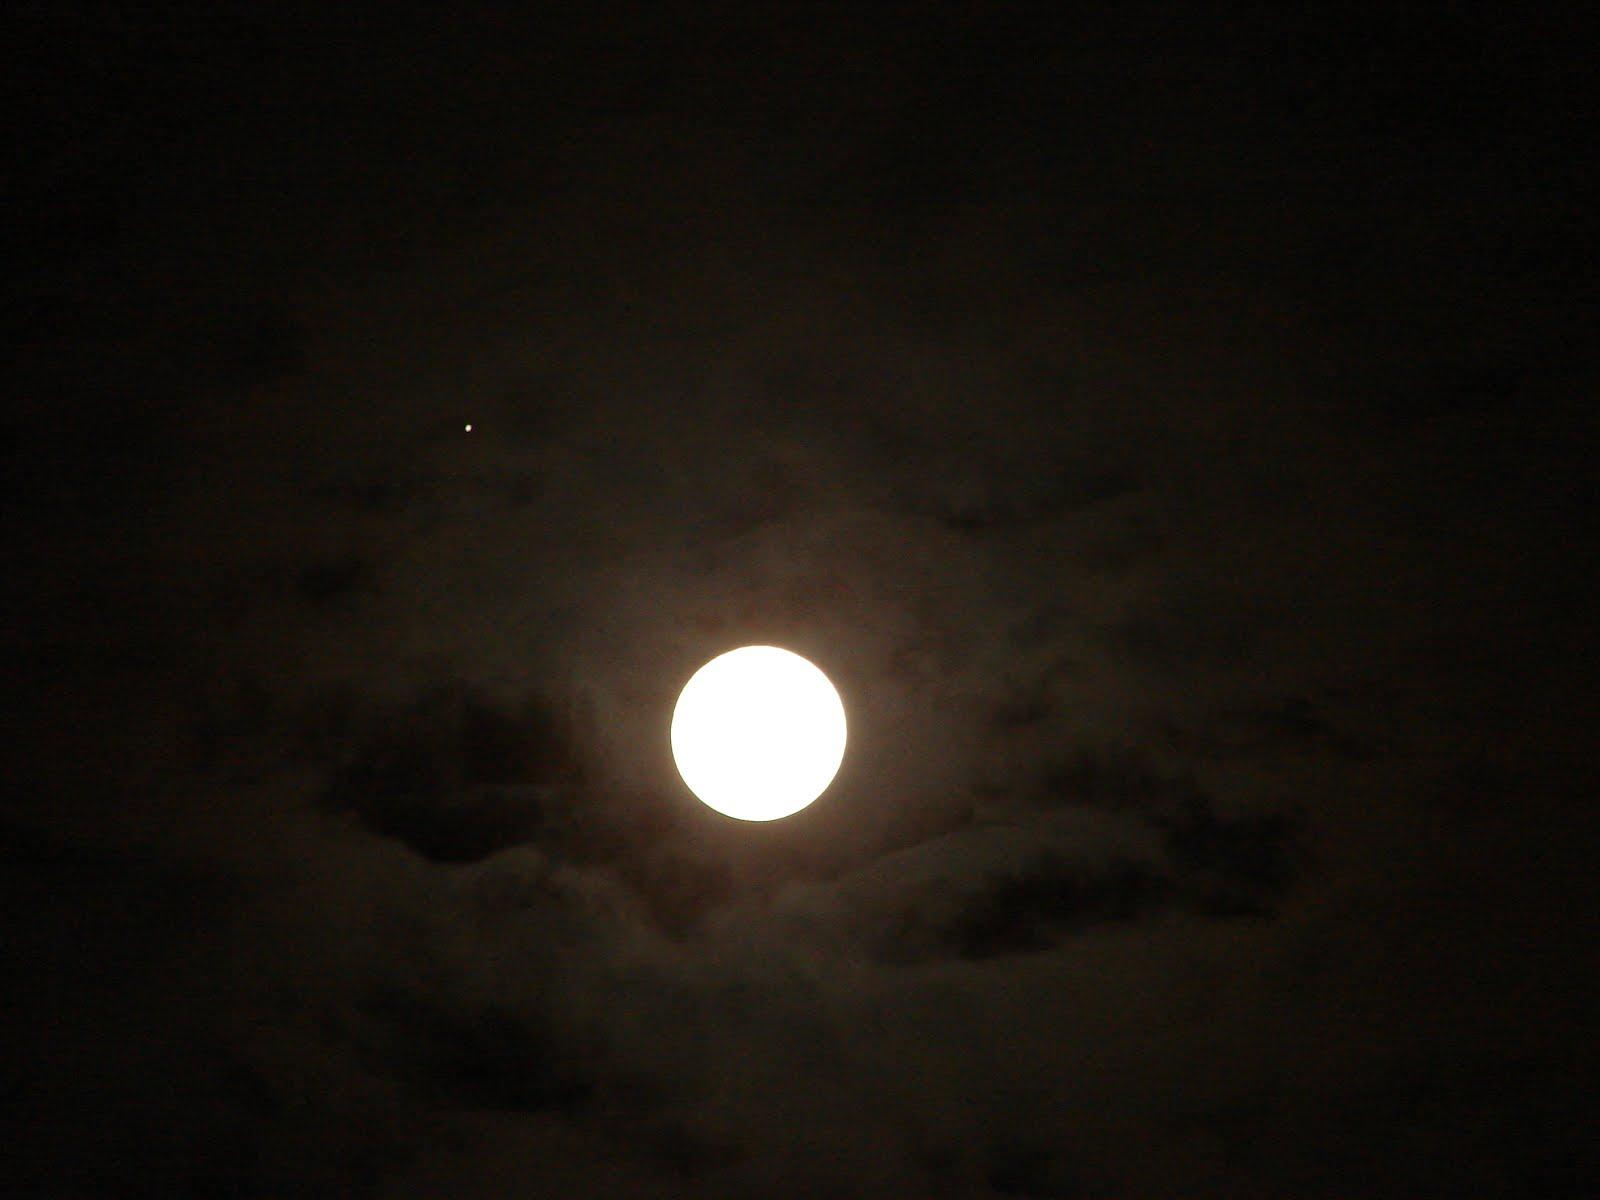 28-29-30-noviembre-2012- sec La LUNA llena x el ESTE alineada con OVNI blanco ECLIPSE LUNAR Lumbral